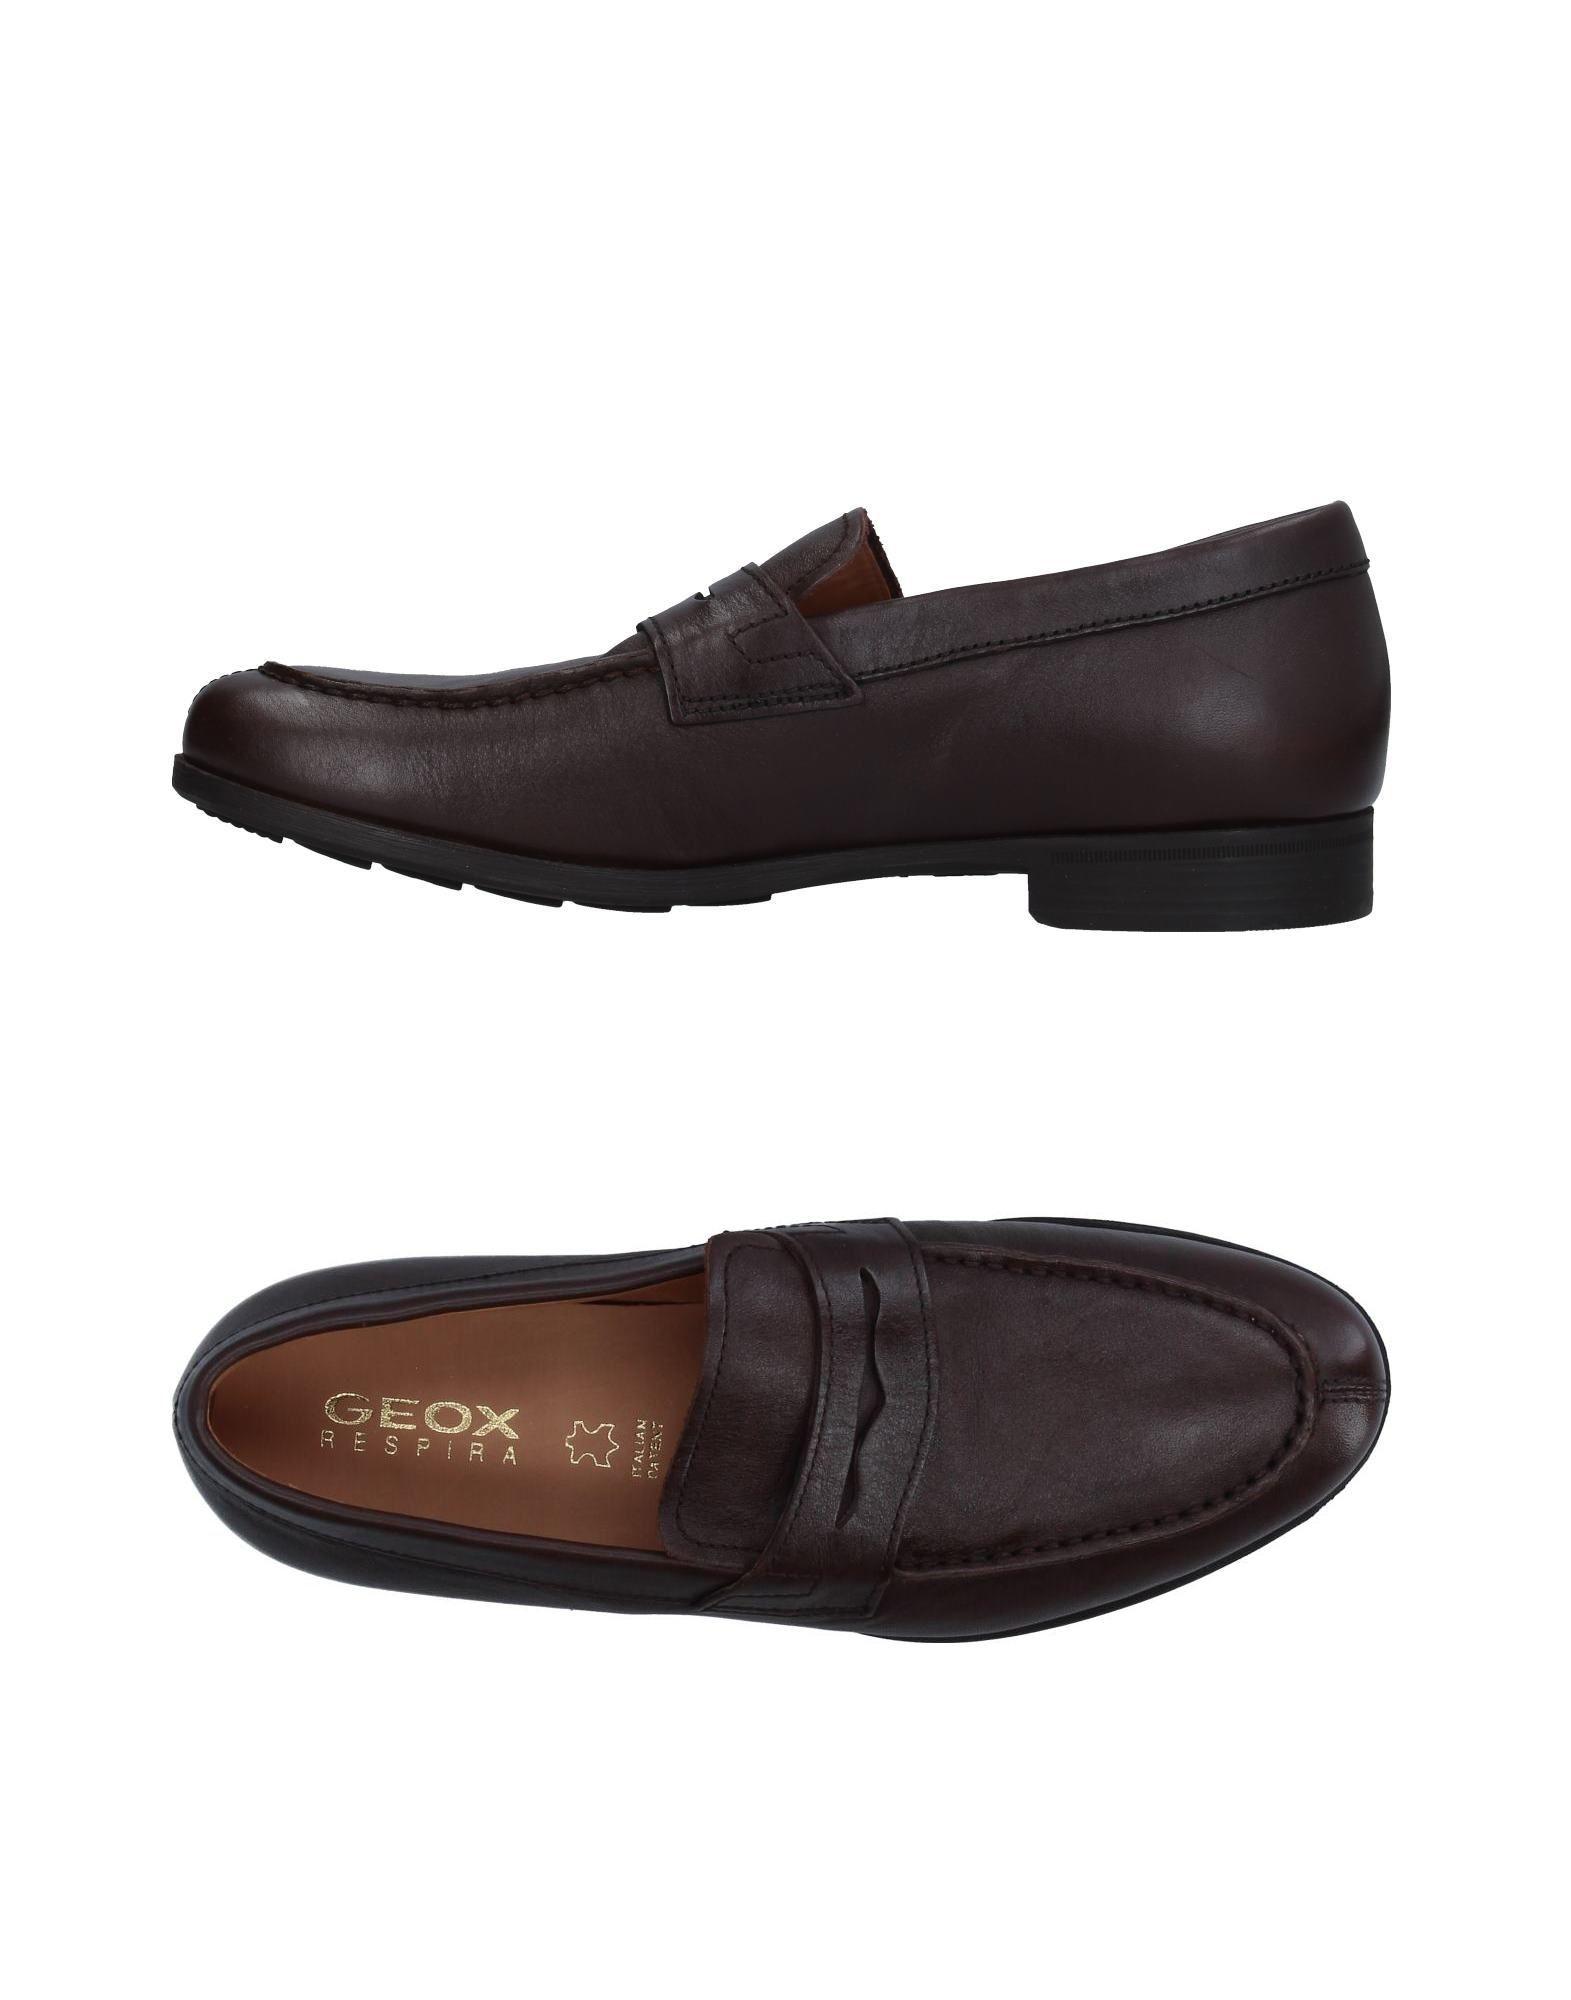 Geox Mokassins Herren  11322161WO Heiße Schuhe